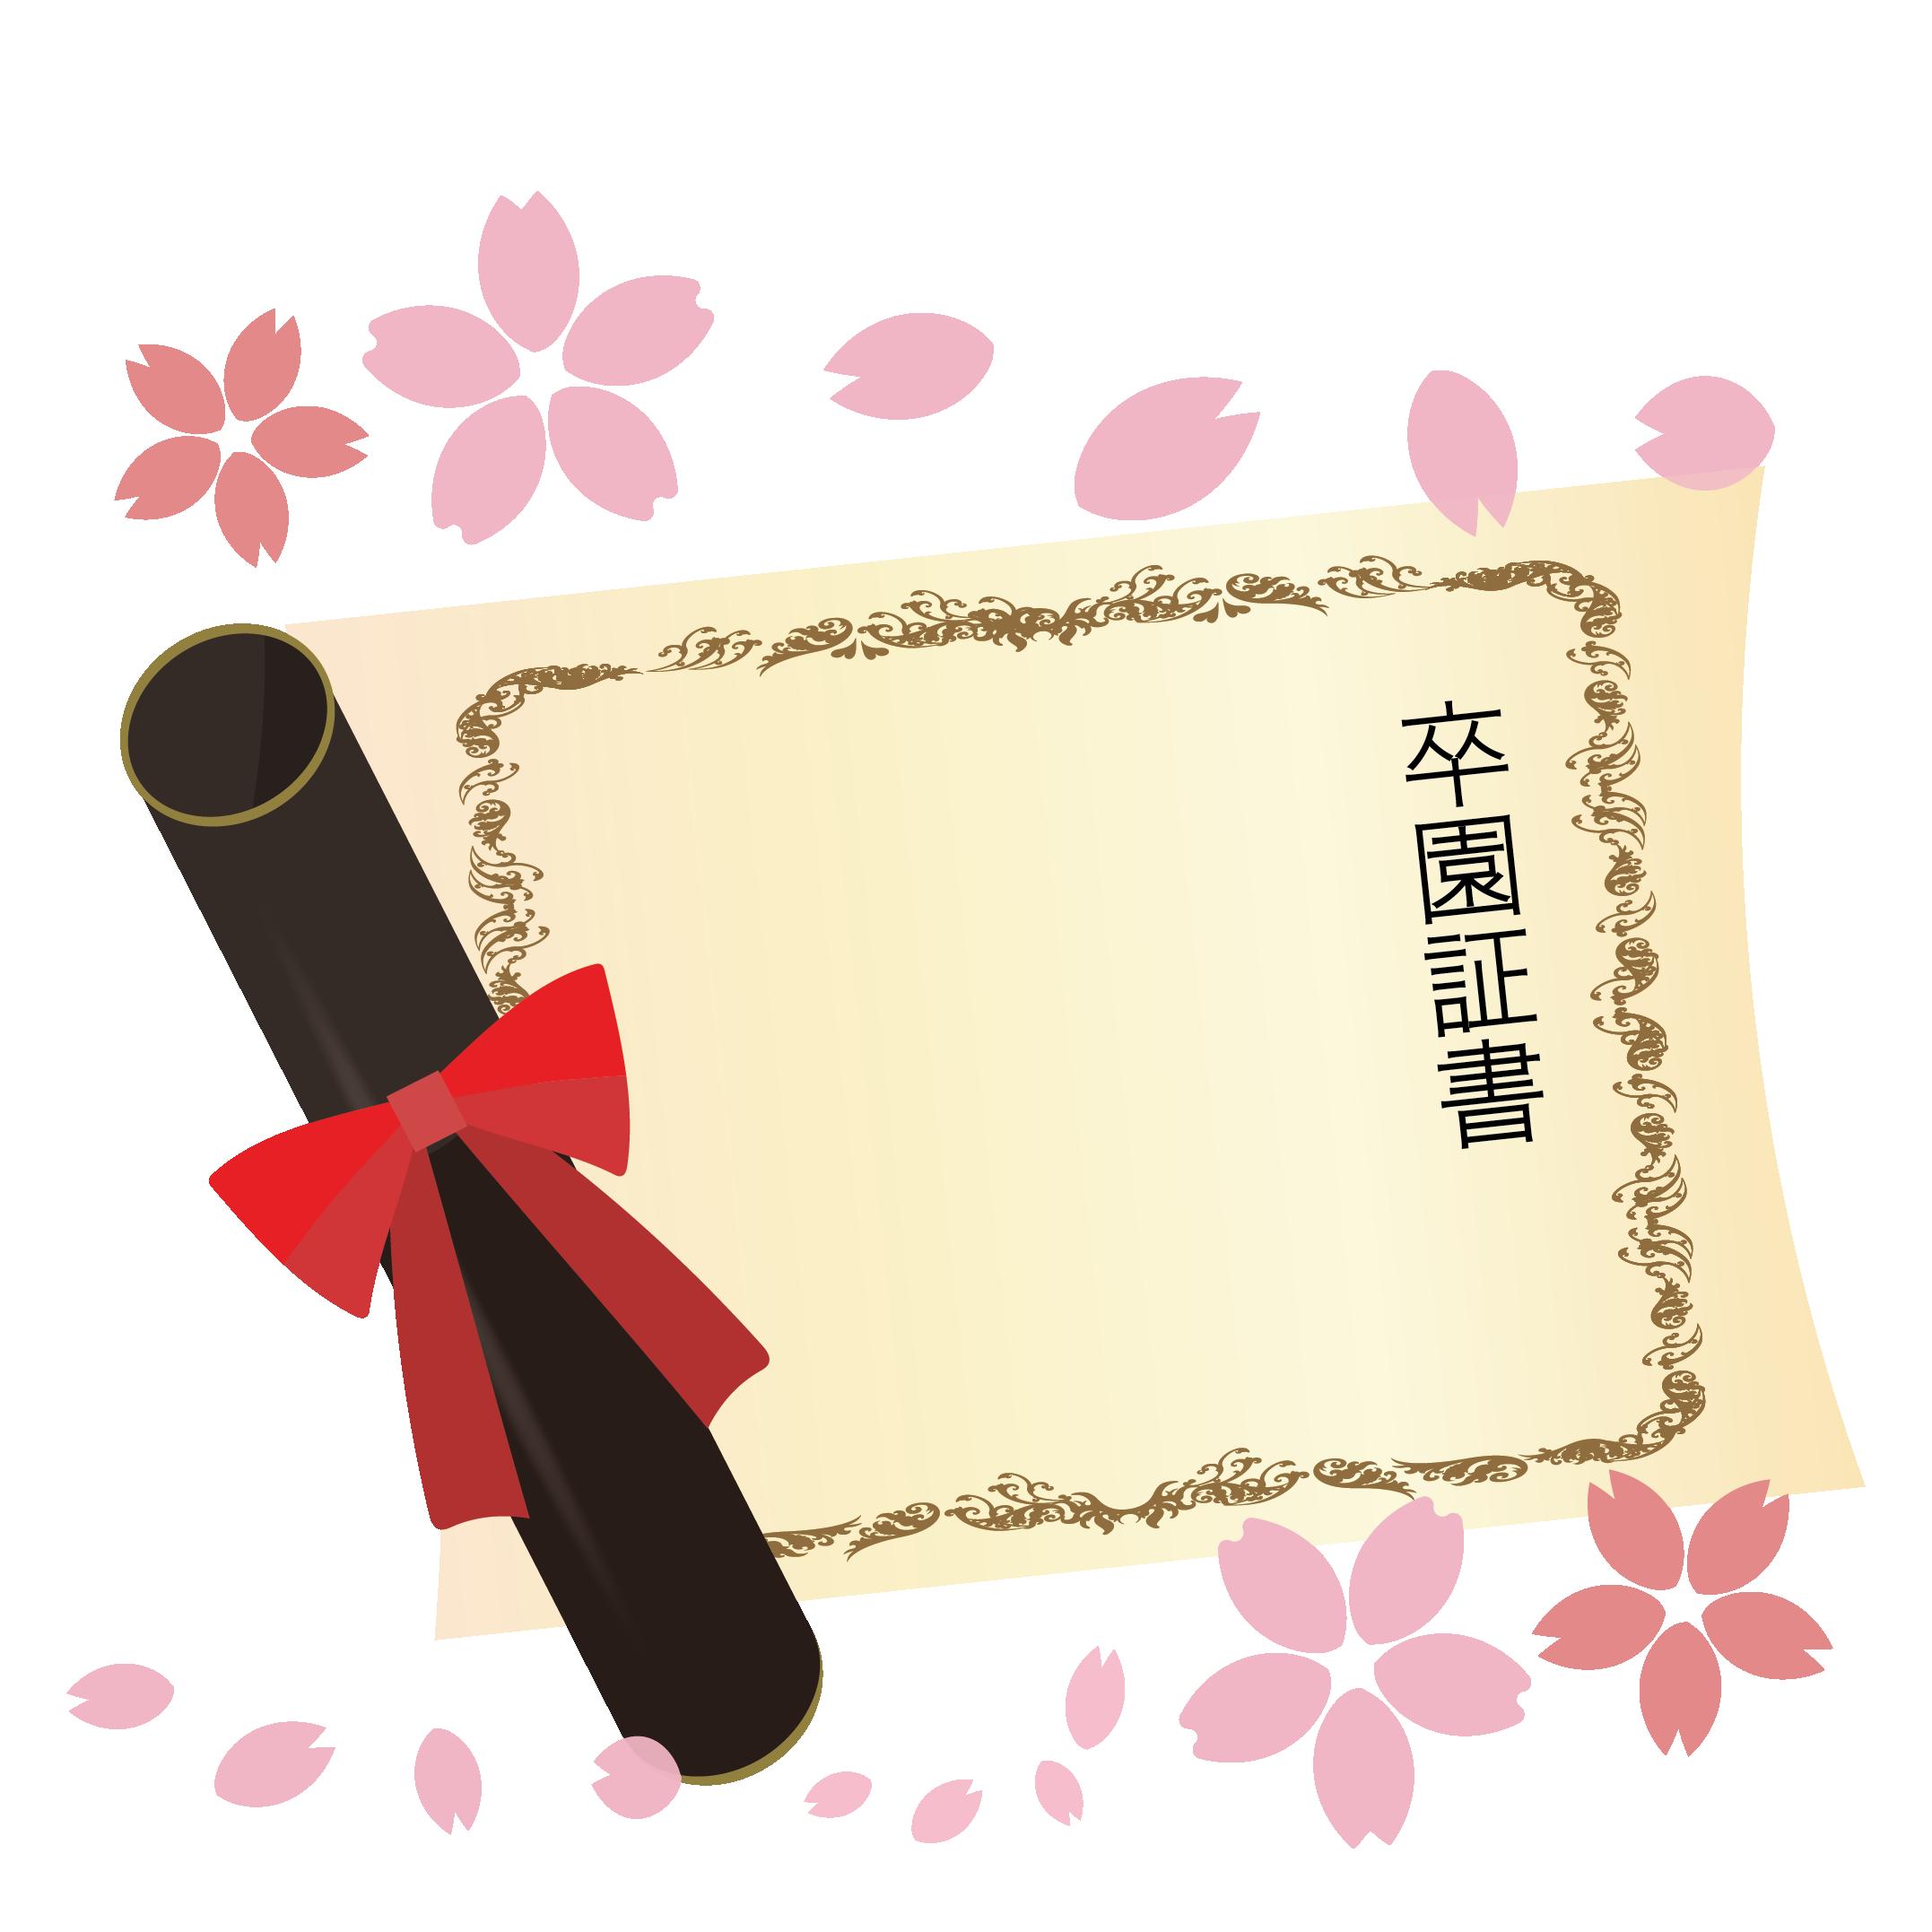 卒園証書の 無料フリーイラストかわいい桜を添えて 商用フリー